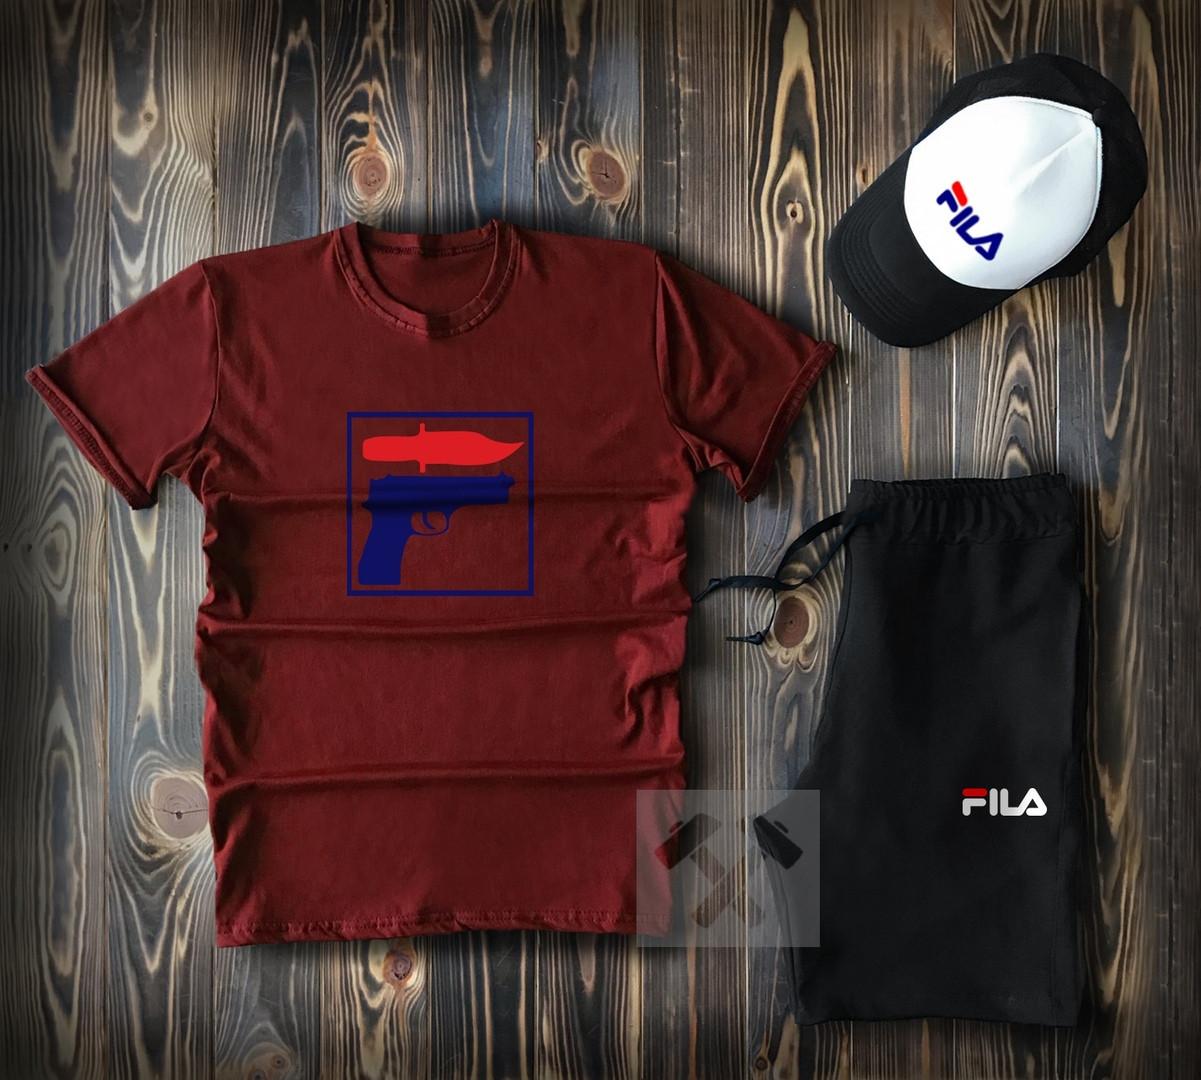 b6ac51776898f Мужской летний спортивный комплект с кепкой Filal бордового цвета топ-реплика  - Интернет-магазин